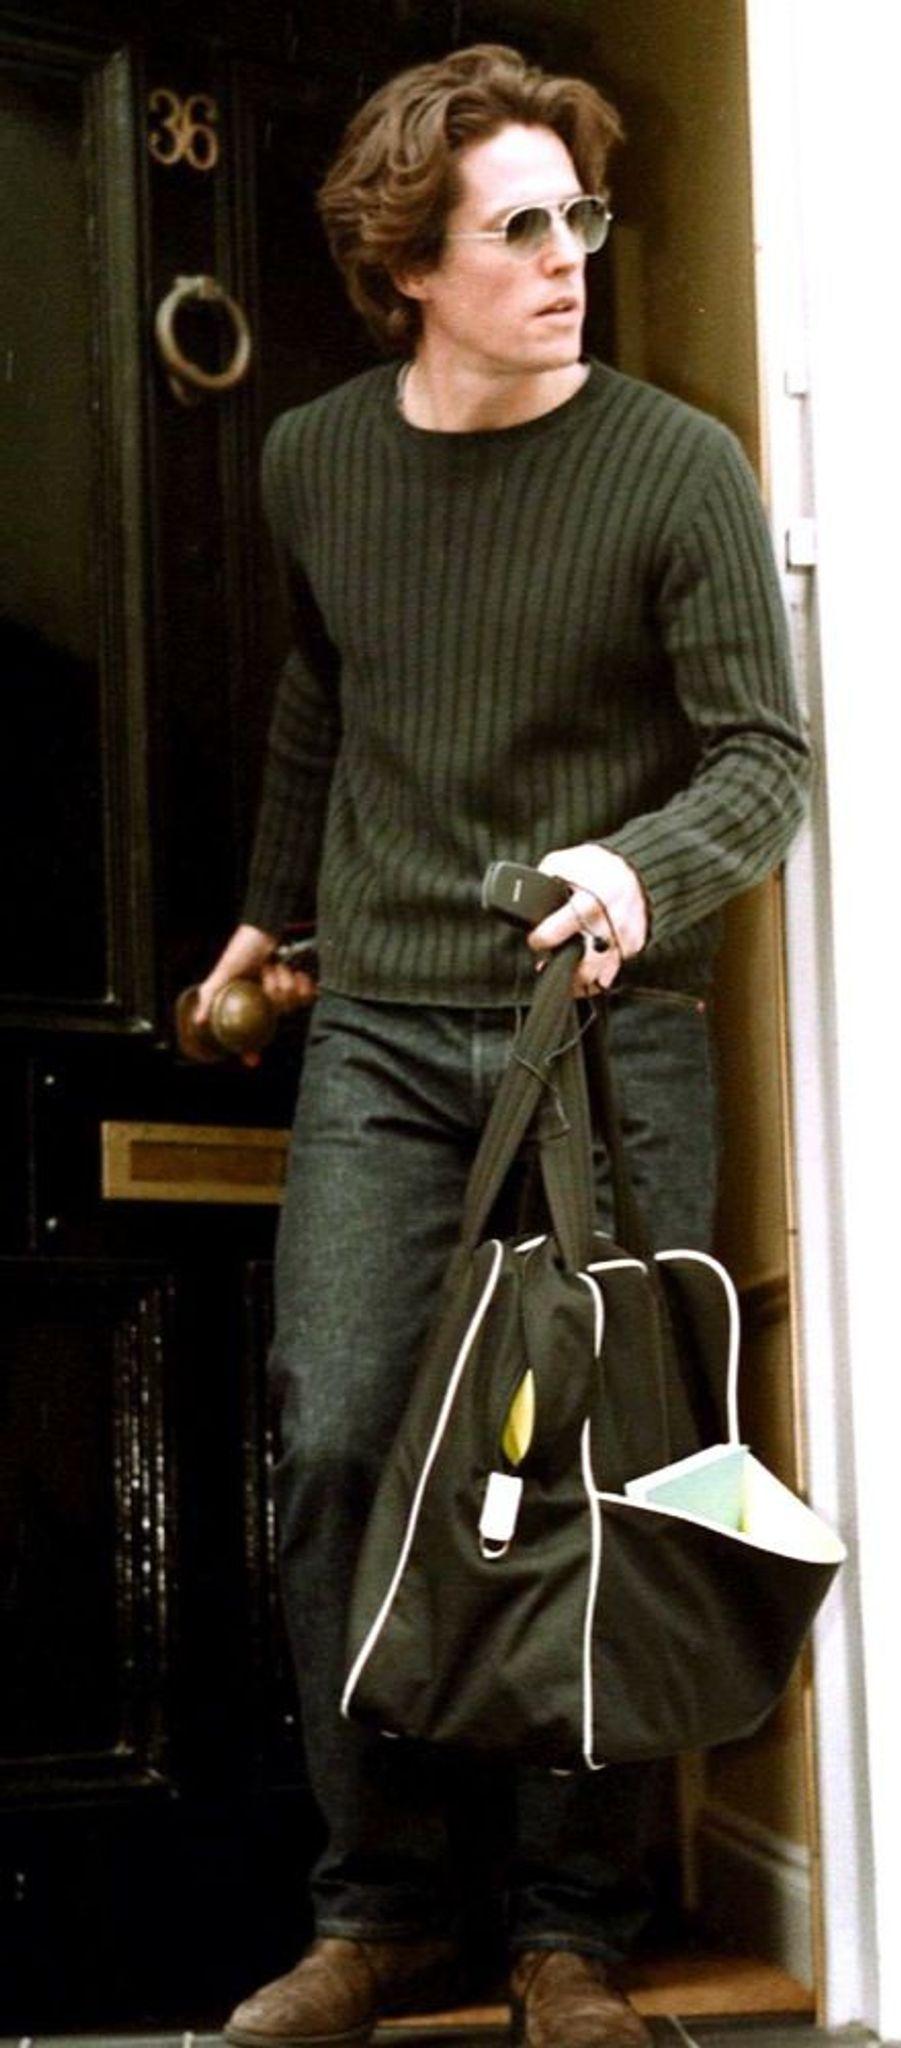 Hugh Grant quittant le domicile conjugal, au lendemain de l'annonce de sa séparation d'Elizabeth Hurley, fin mai 2000.